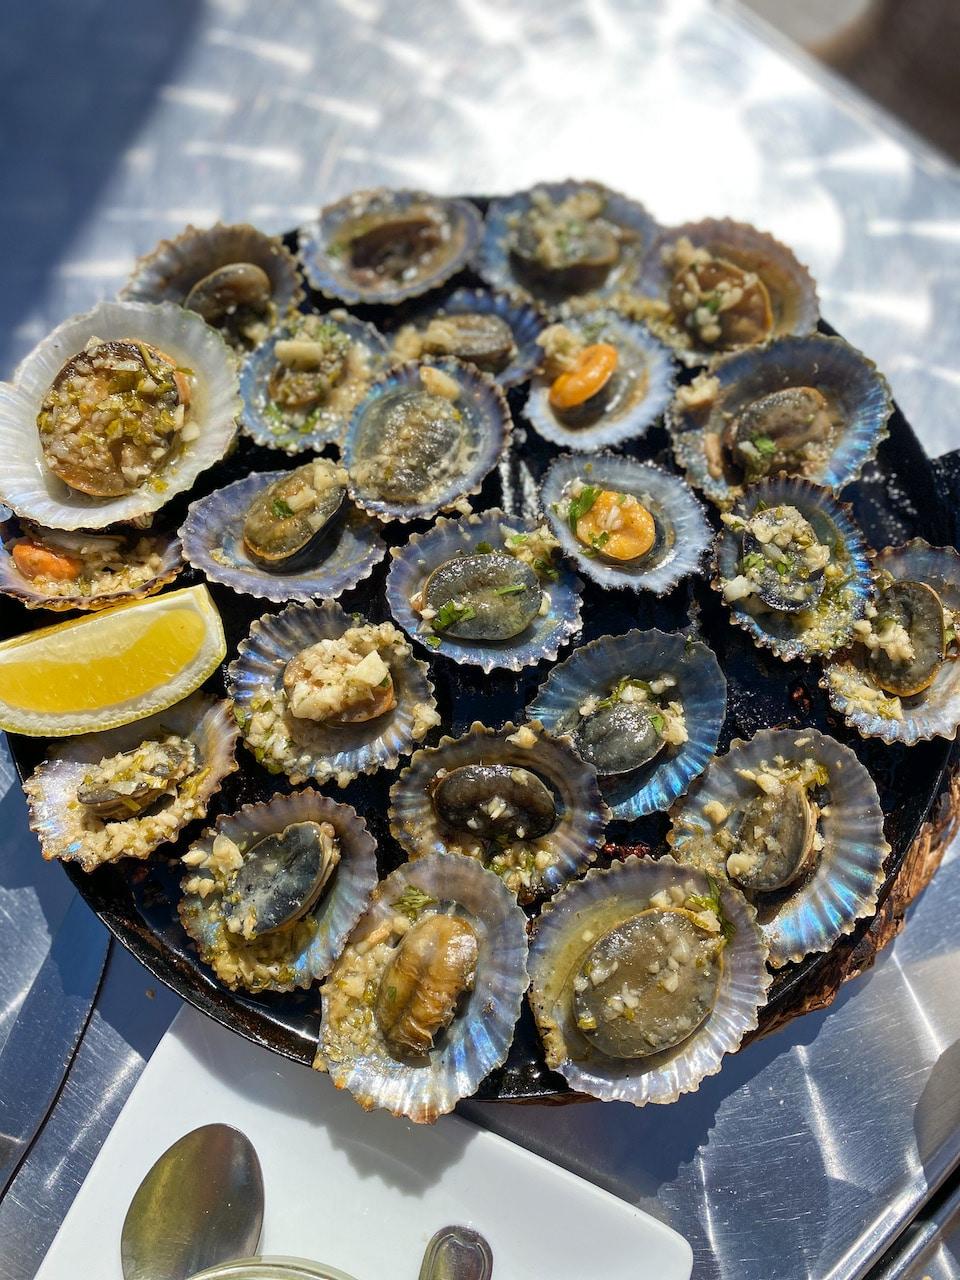 vis eten op El Hierro - La Restinga - Lapas